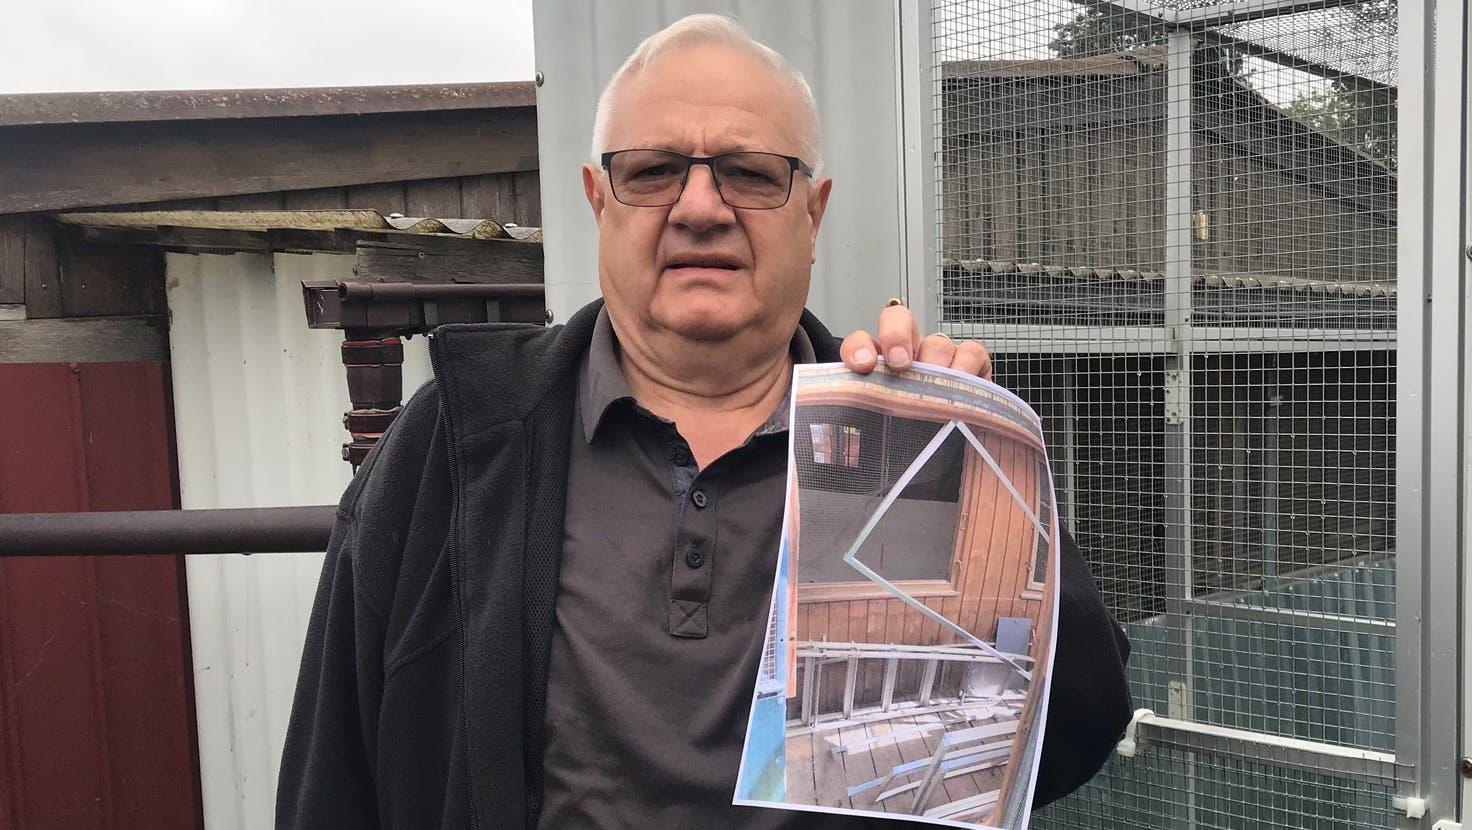 Löcher im Gitter und eine ausgehängte Türe: Christian Berger zeigt ein Bild von der Situation, die er nach dem Einbruch vorfand. (Lydia Lippuner)